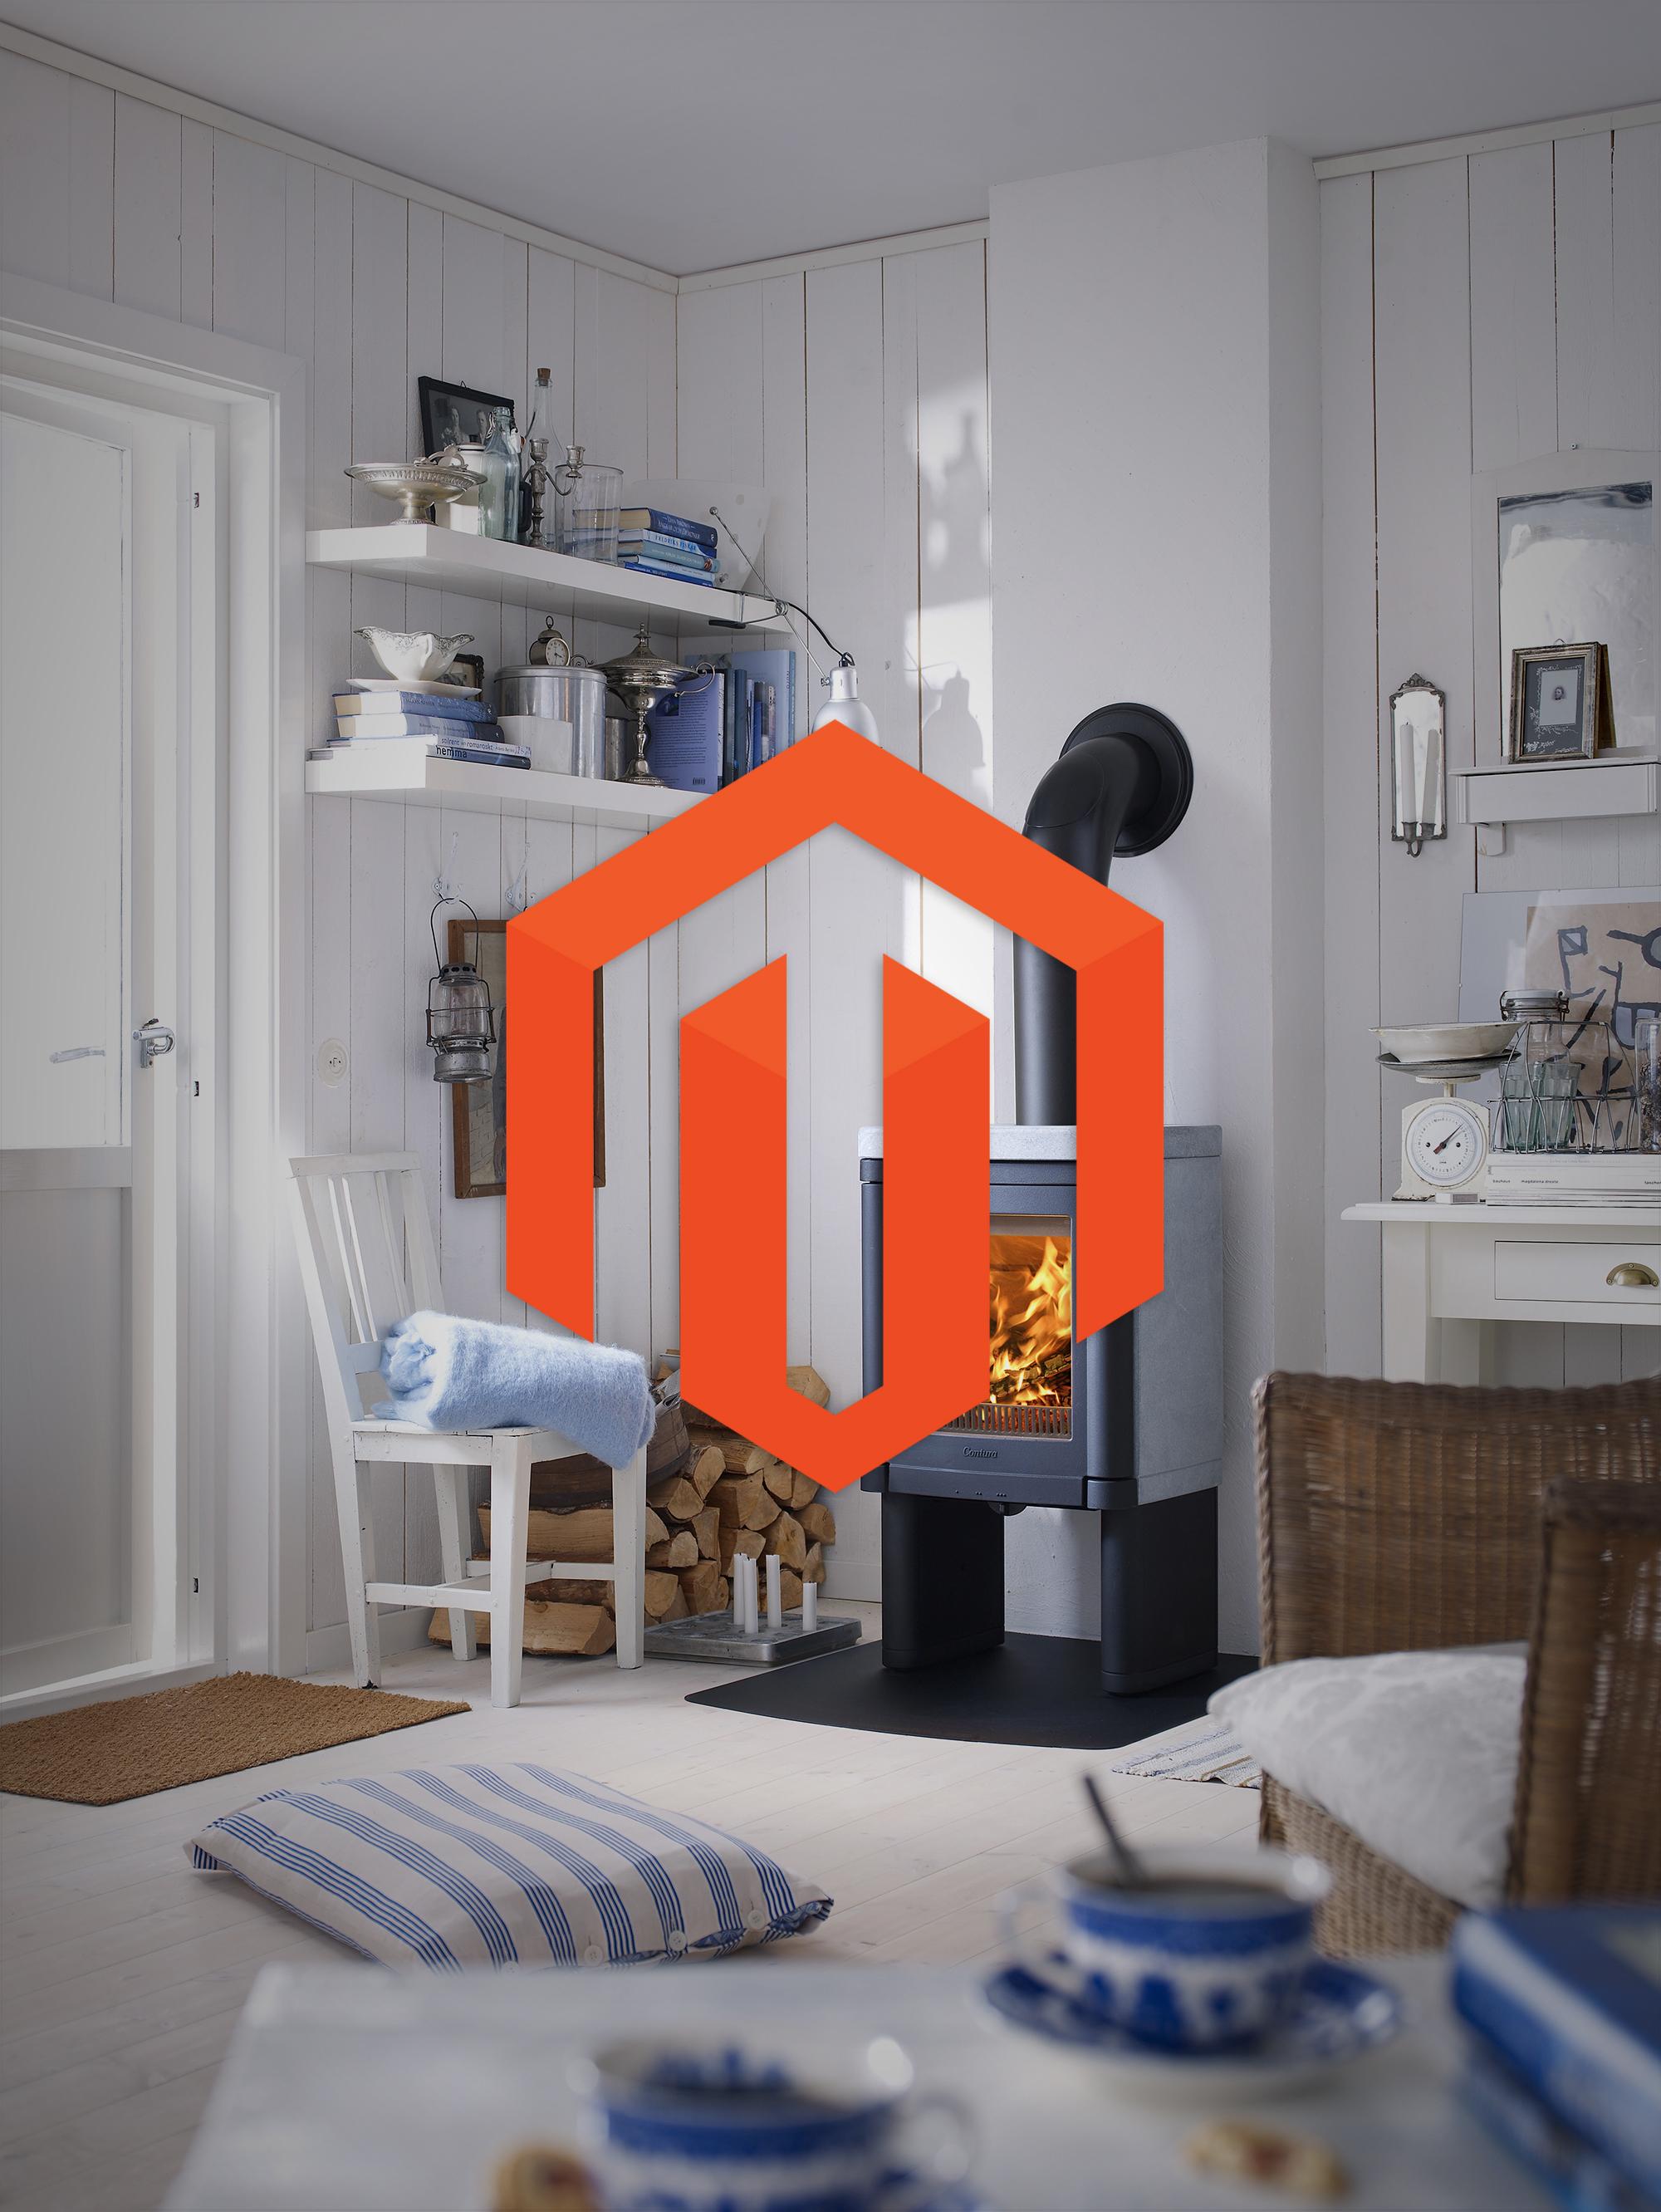 nackst d med varierande komfort bastuspecialisten. Black Bedroom Furniture Sets. Home Design Ideas